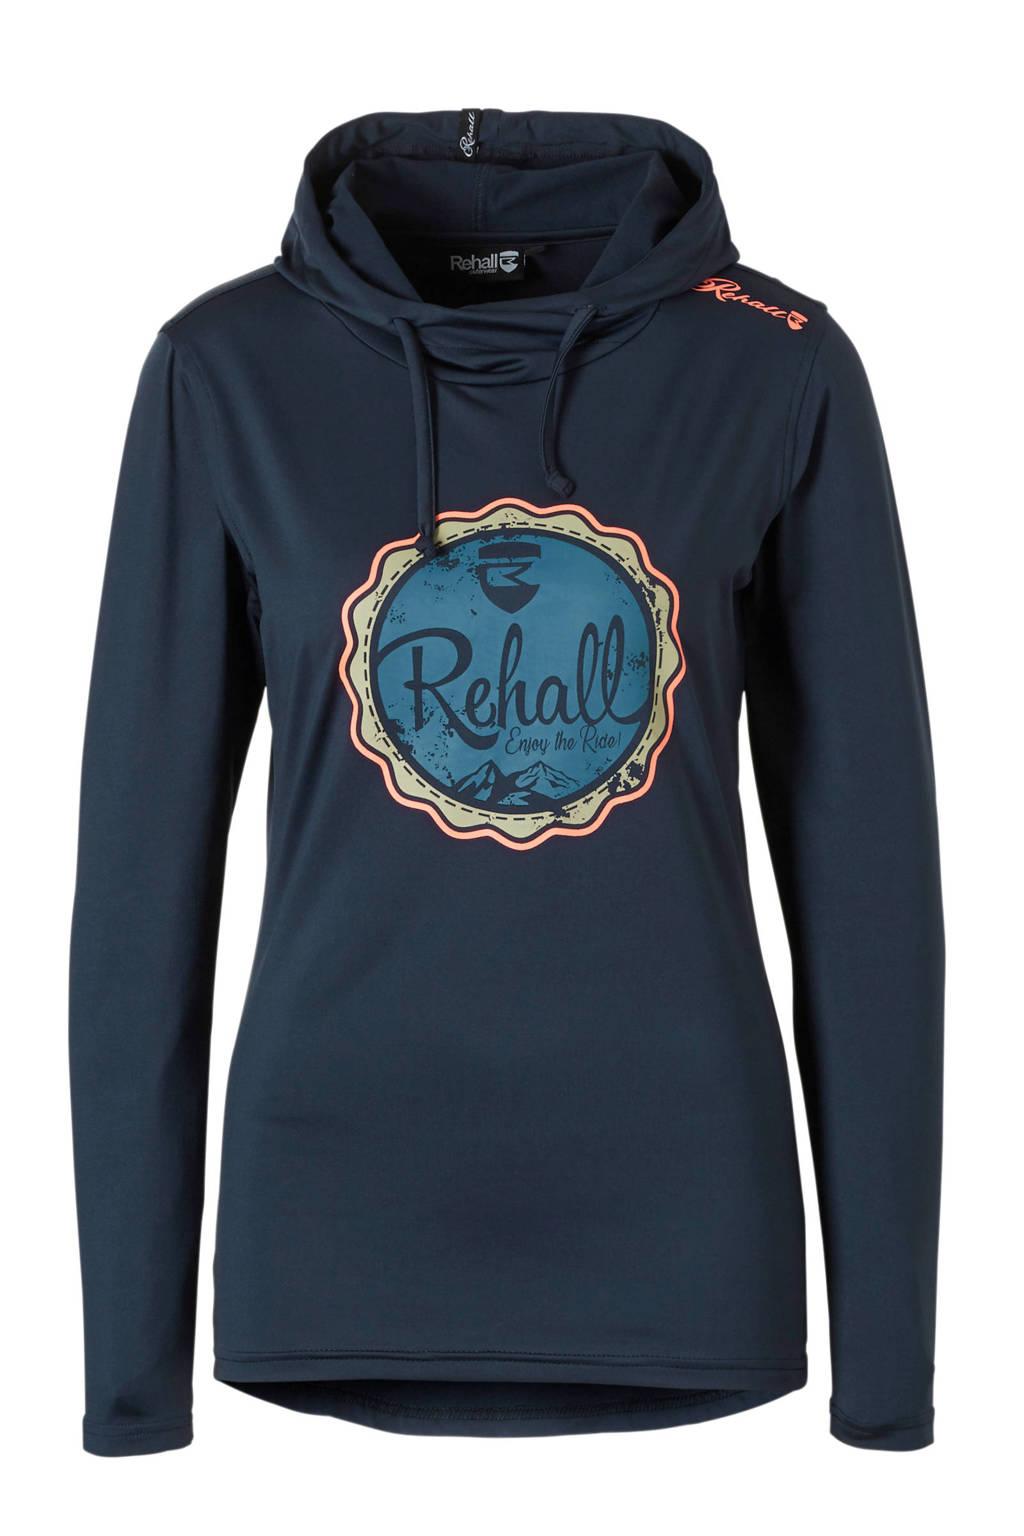 Rehall ski-sweater Evy-R, Donkerblauw/wit/zalm